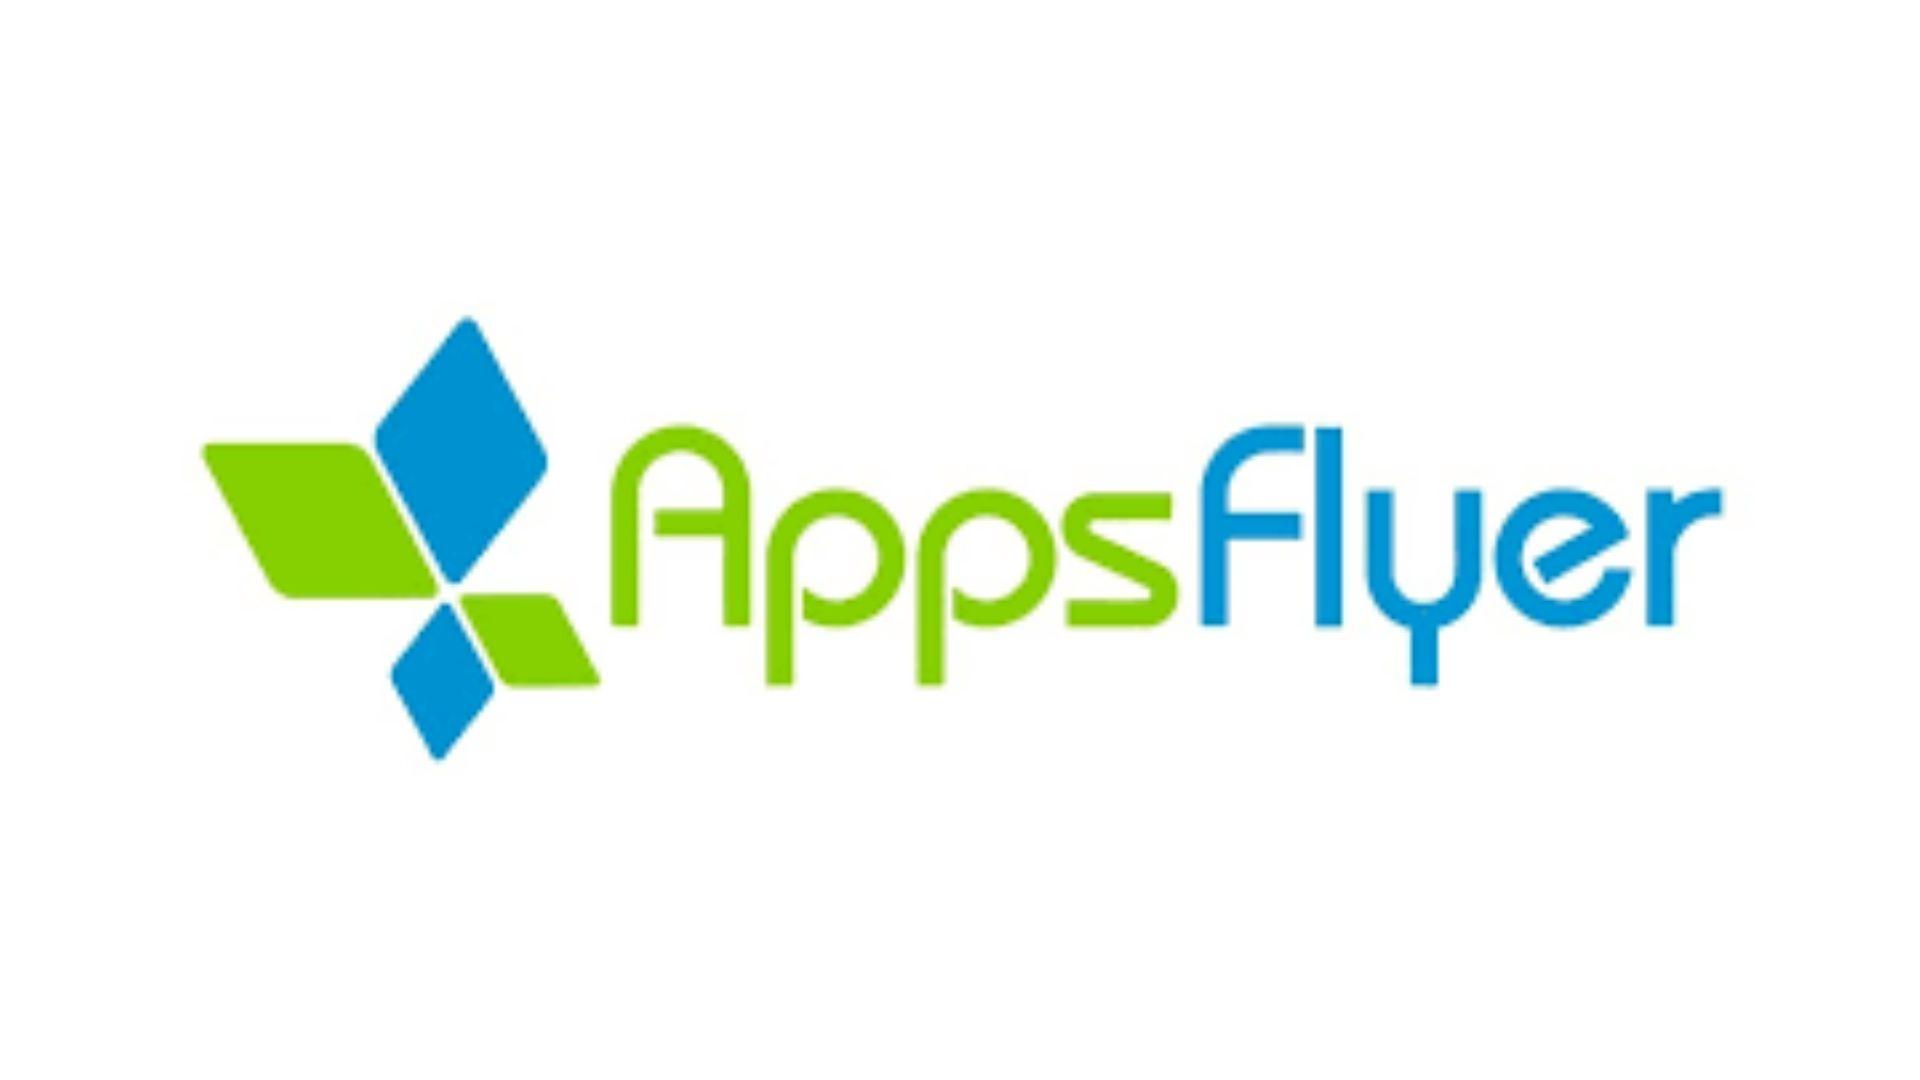 Levée de fonds de 210 millions de dollars pour la start-up AppsFlyer